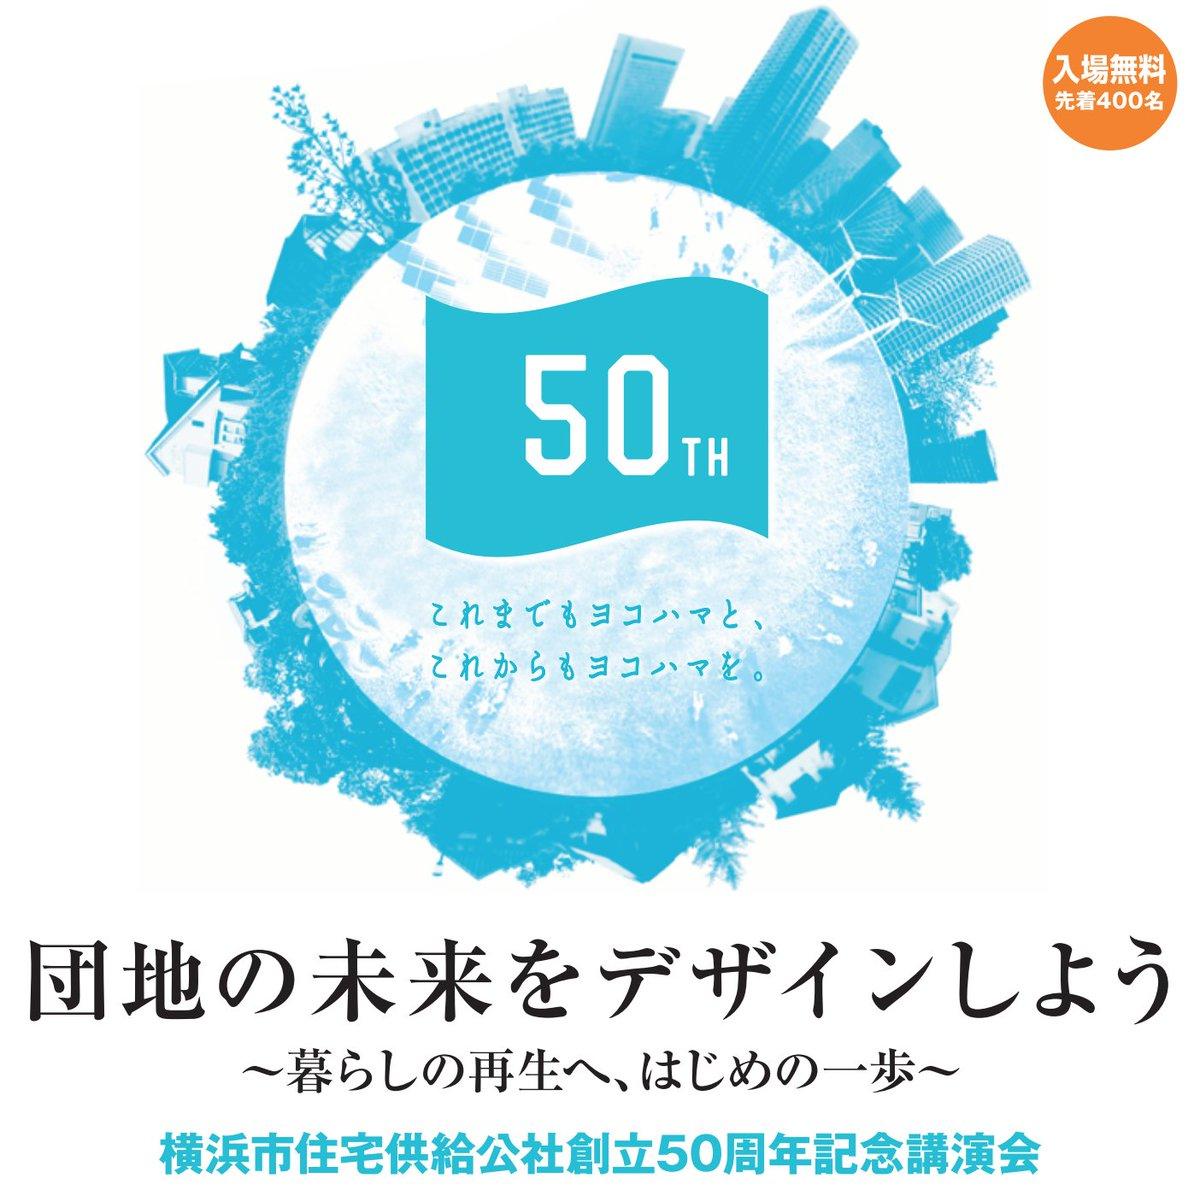 千葉大学小林秀樹教授、俳優の八神蓮さん、AsMamaの代表甲田恵子さんらが登壇!横浜市住宅供給公社50周年記念講演会。▽